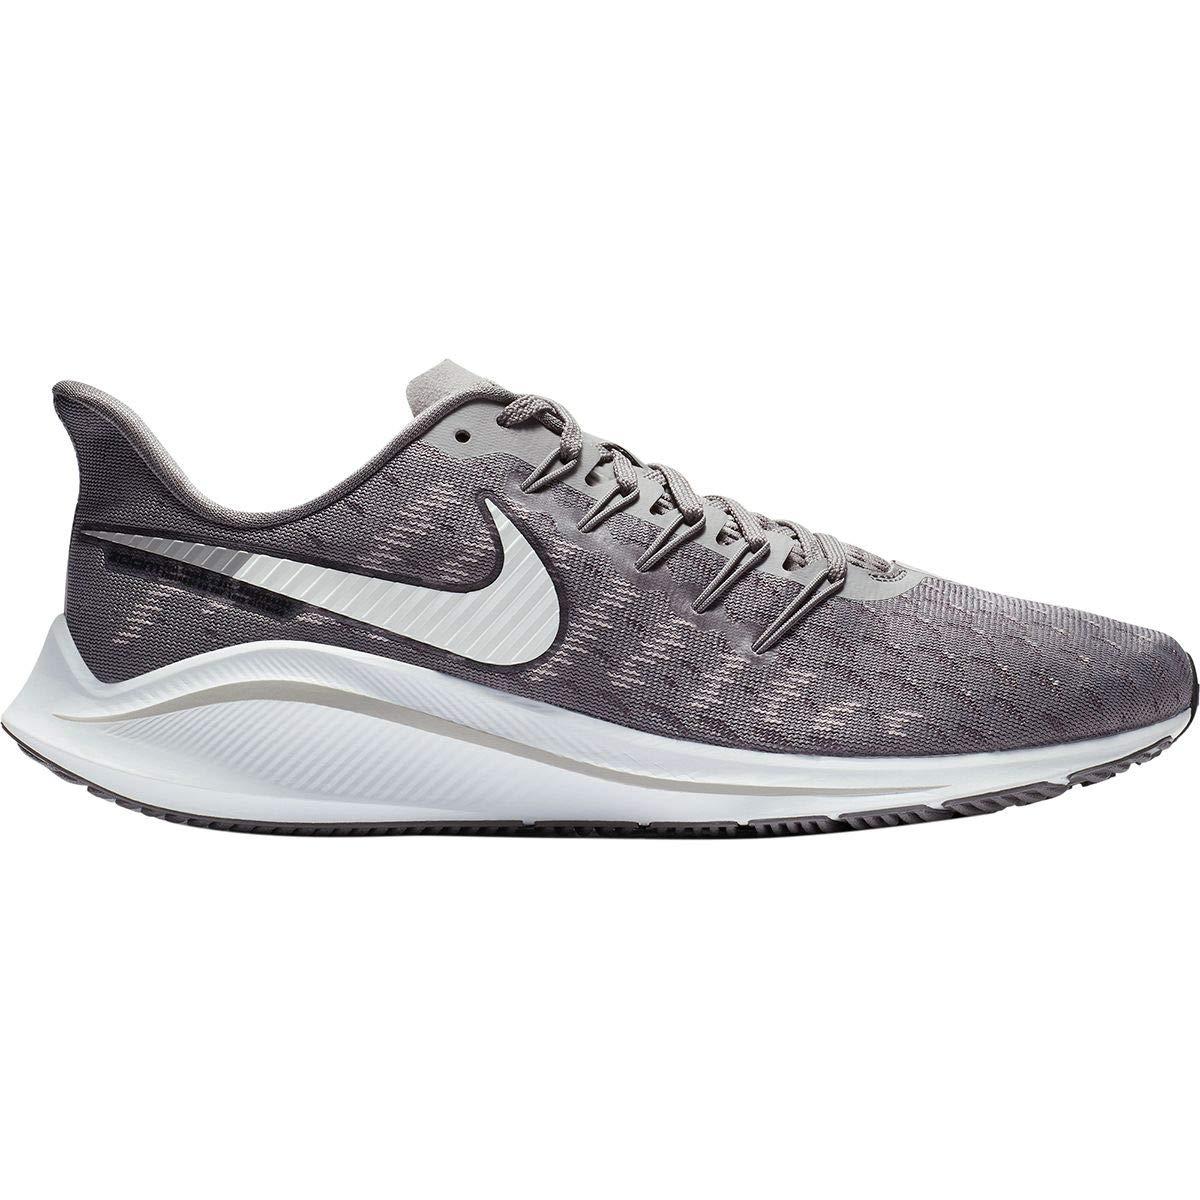 優れた品質 [ナイキ] B07P547B47 メンズ ランニング Air Zoom Vomero Running 14 [ナイキ] Running Shoe [並行輸入品] B07P547B47 7, アンティーク インテリア FeuFeu:3ea31ffb --- asindiaenterprises.com